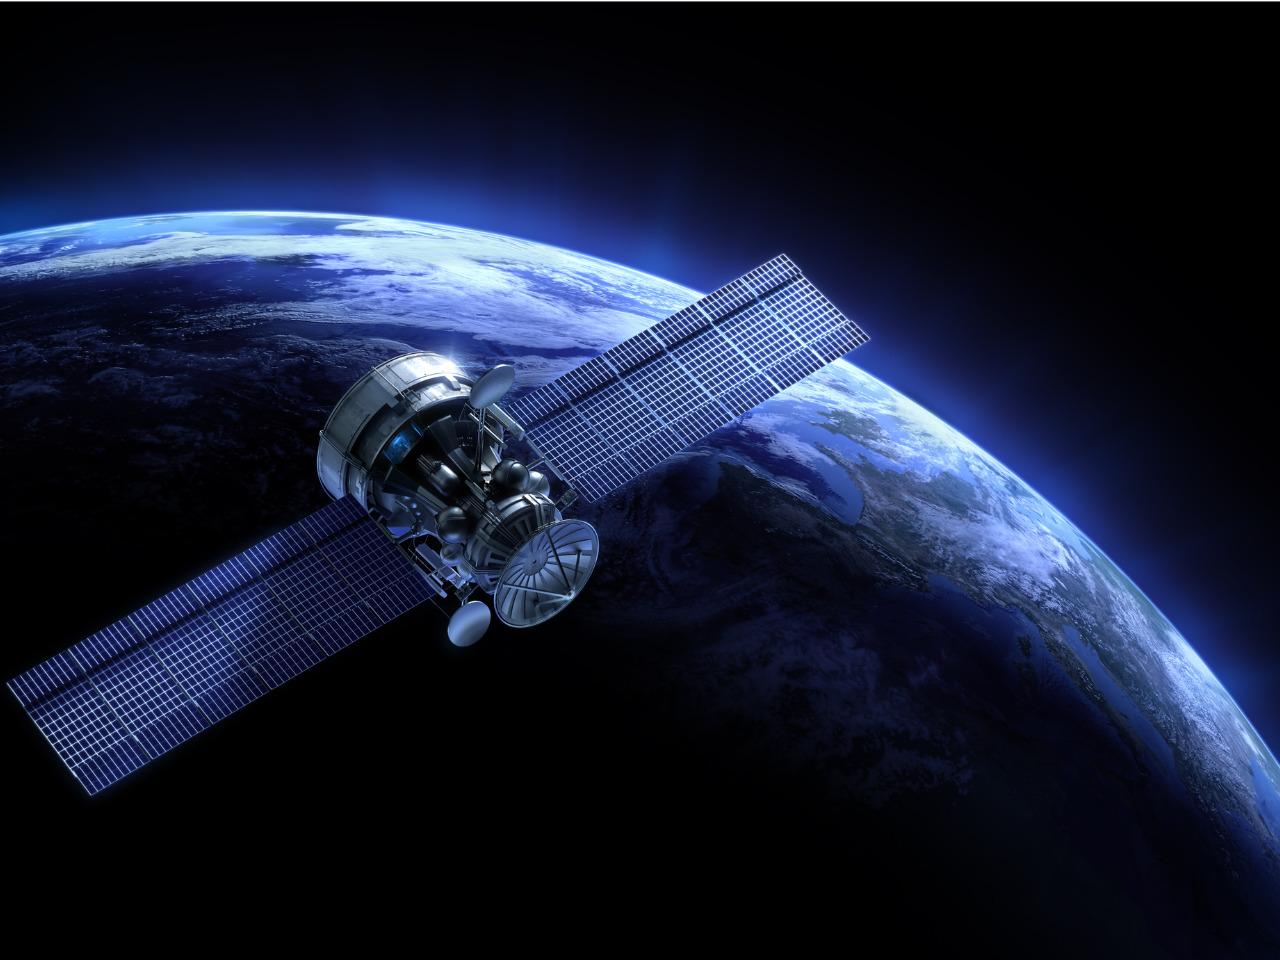 Маск пообещал увеличить скорость Starlink до 300 Мбит/с к концу 2021 года